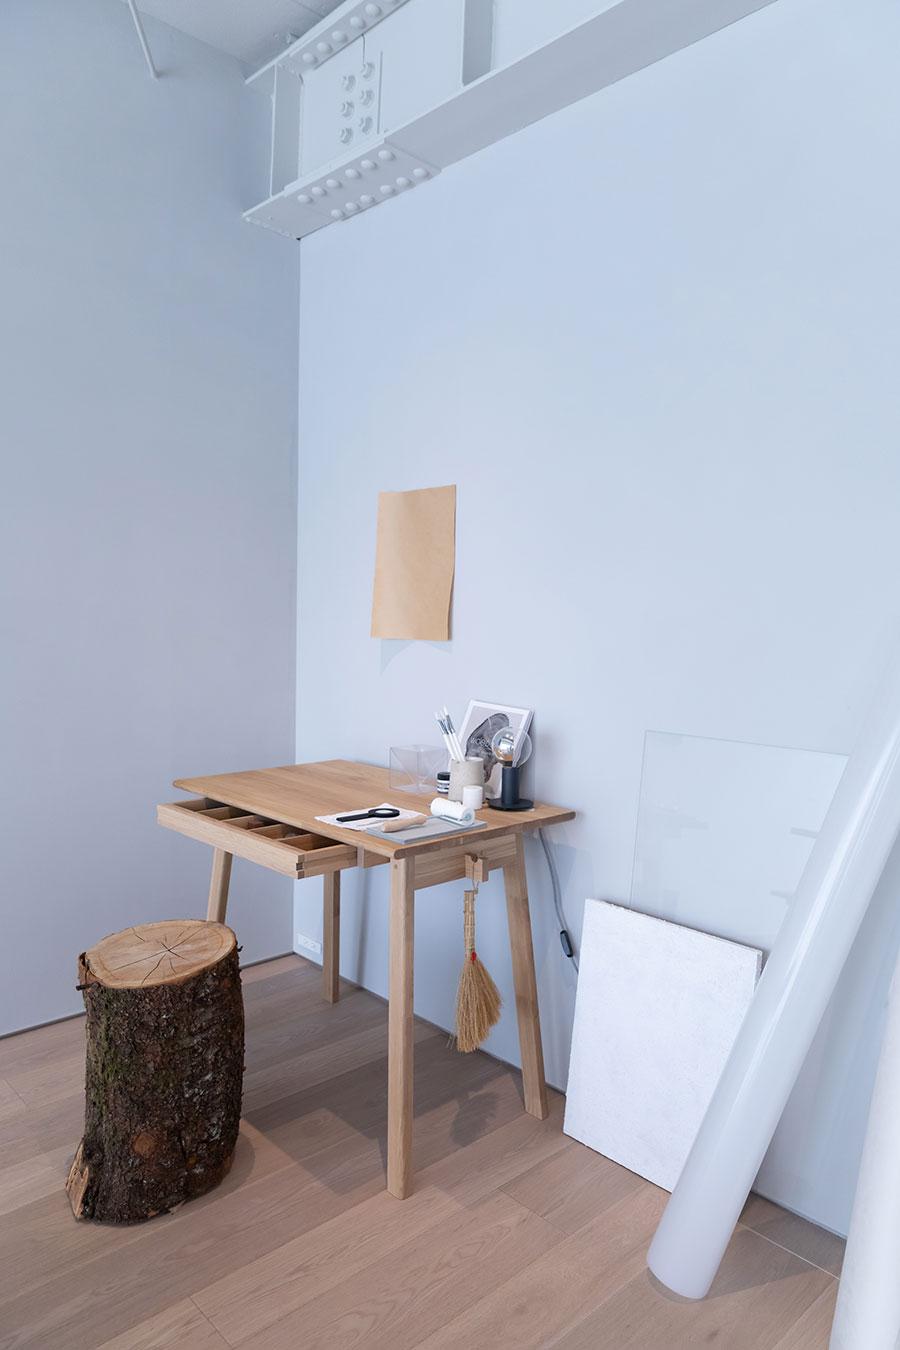 テーブルの引き出しは両側から引き出すことができる。デスクとしても、ダイニングテーブルにも。